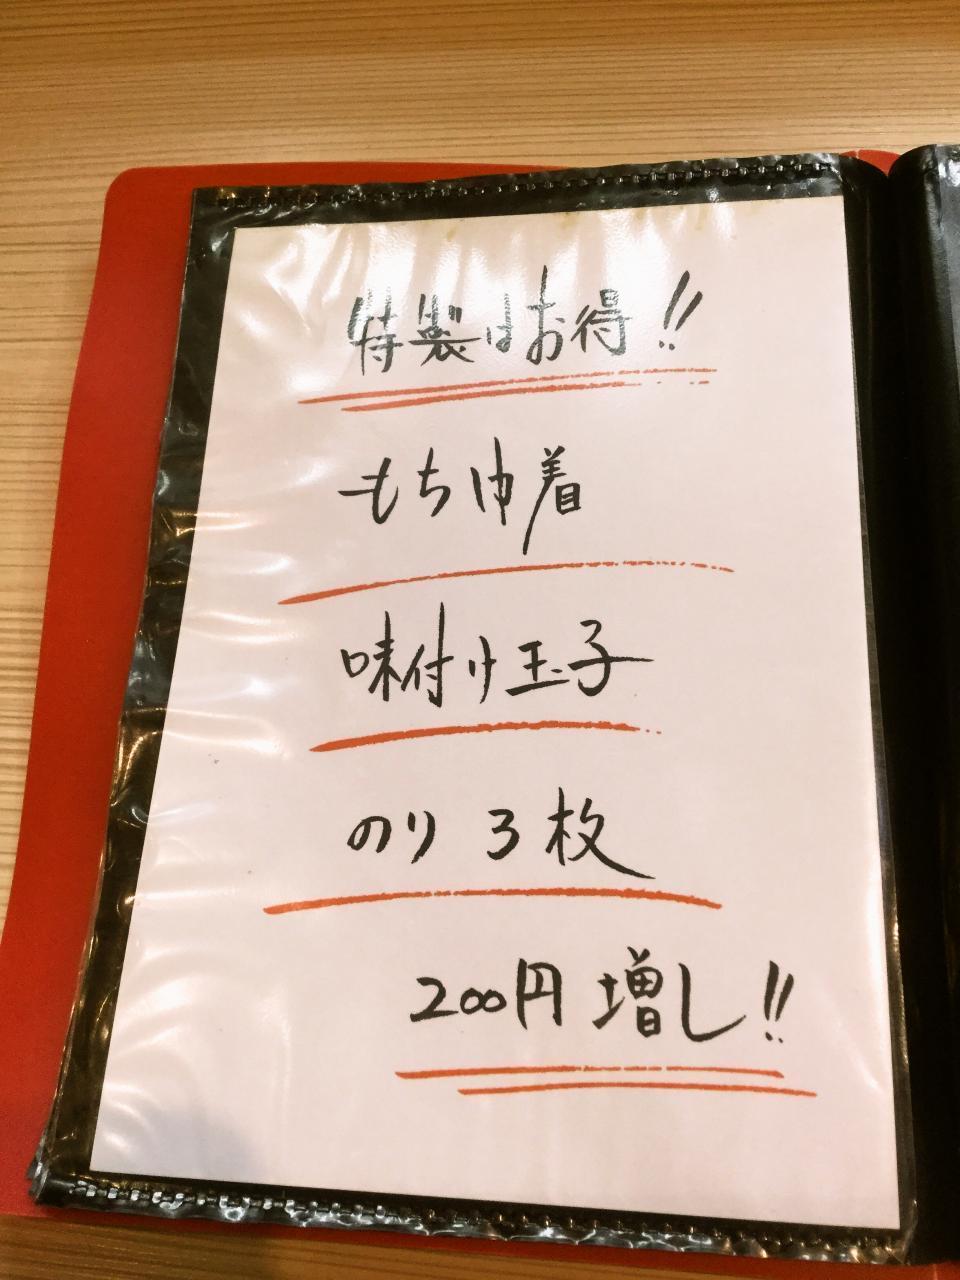 らー麺土俵 鶴嶺峰(メニュー)